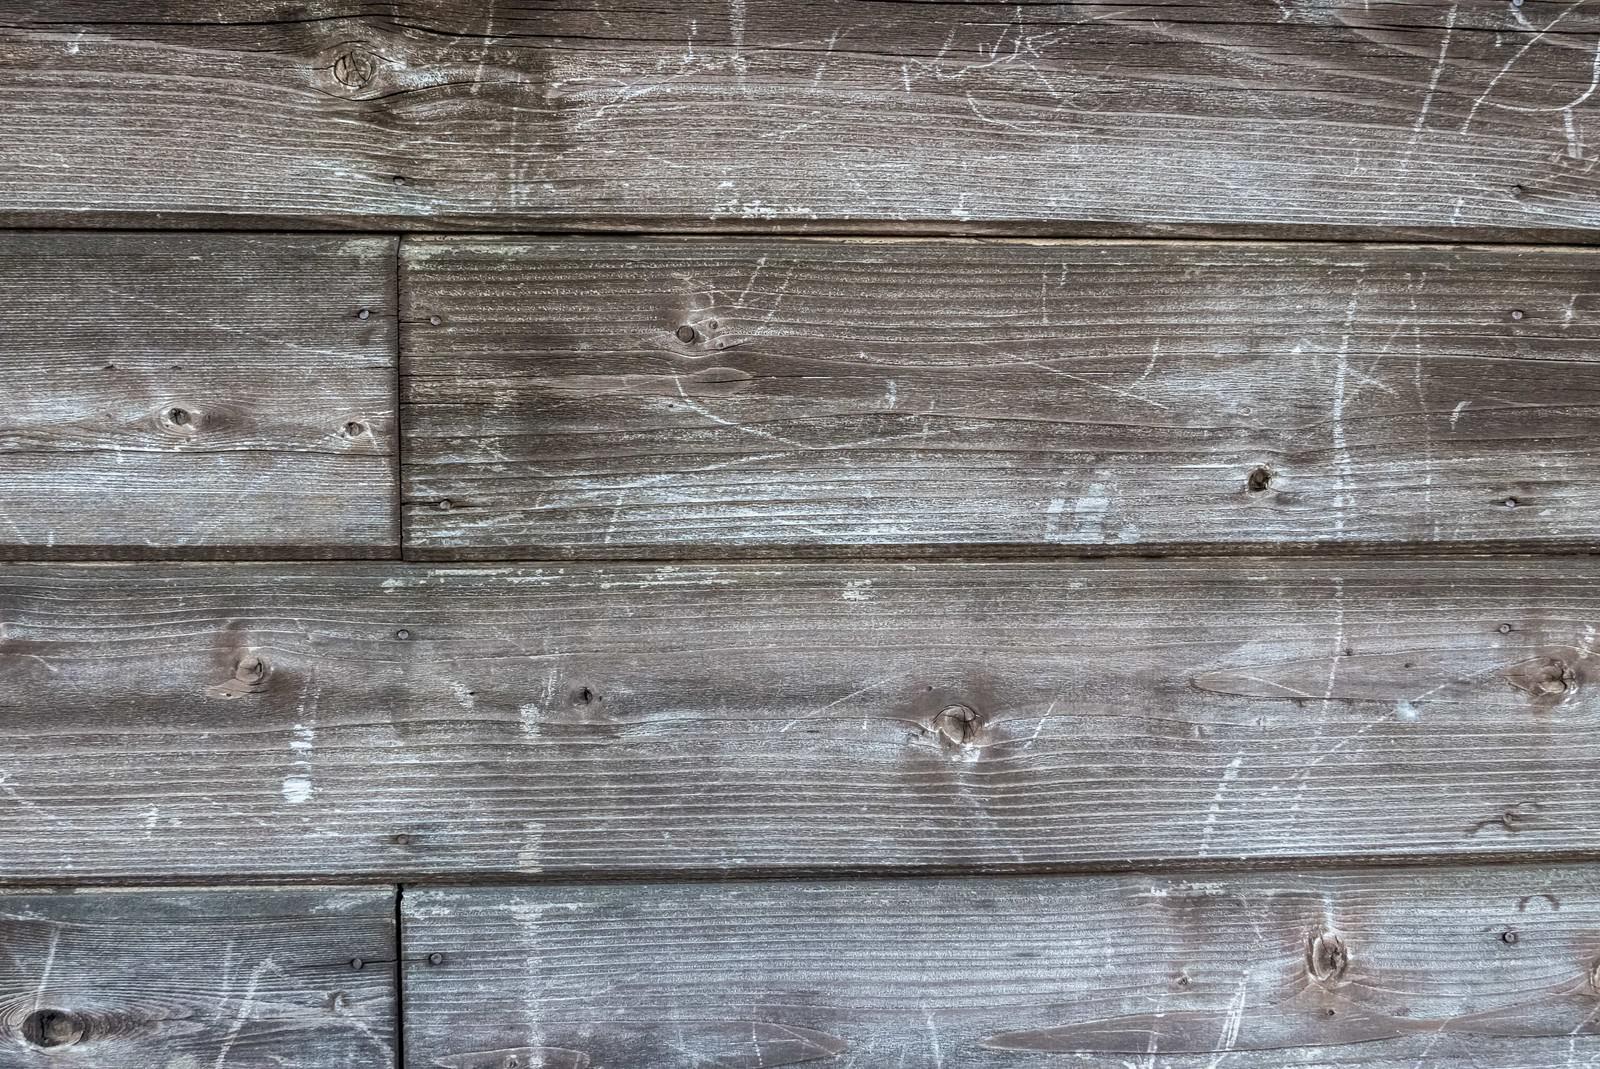 「傷が残る木造の壁(テクスチャ)」の写真